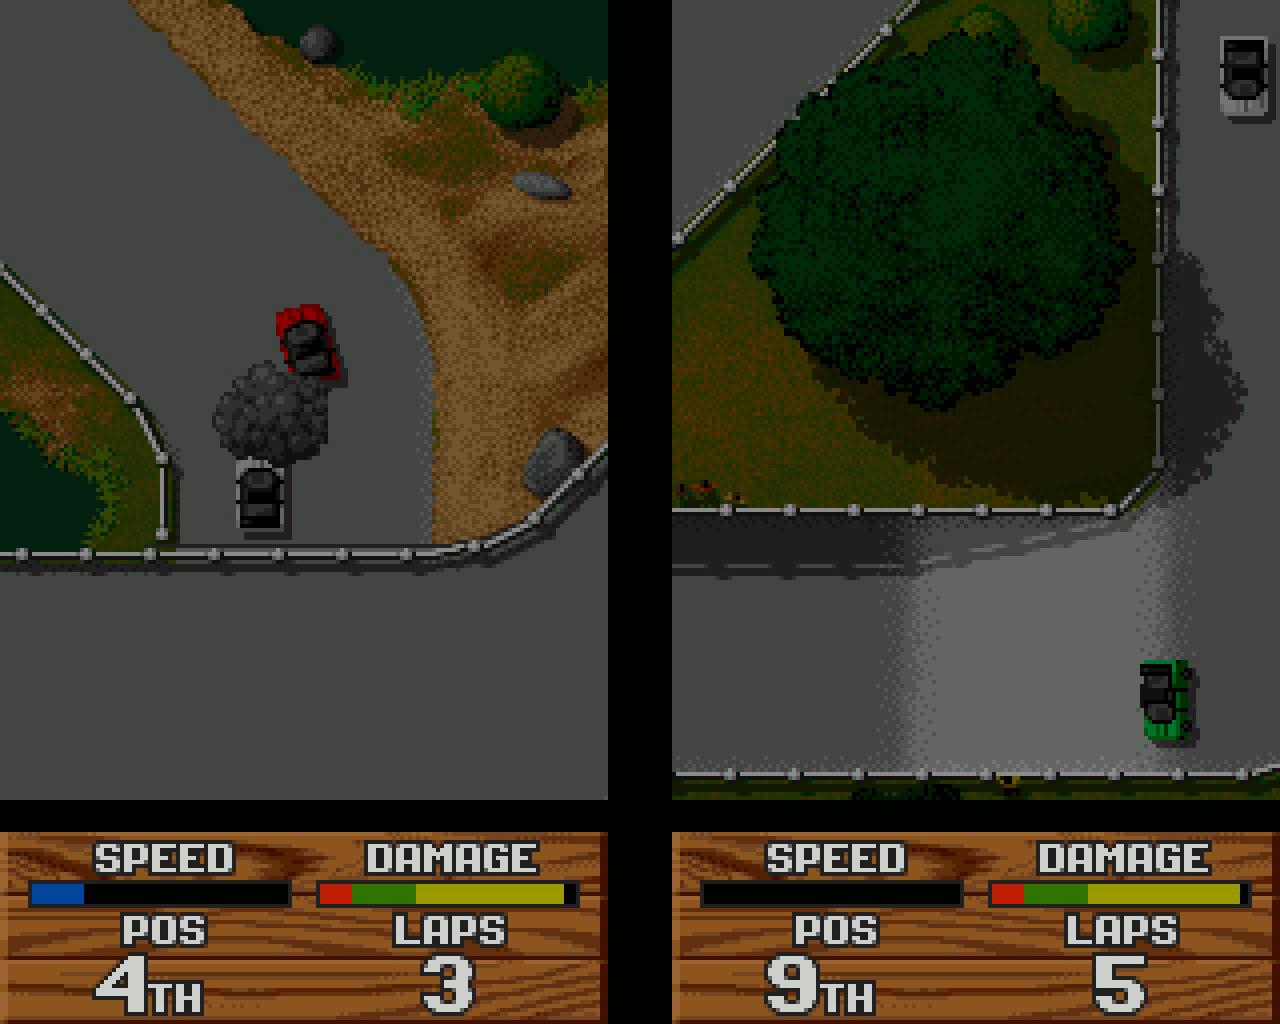 Der vertikal (statt wie sonst üblich horizontal) geteilte Bildschirm im Split-Screen-Modus von Super Cars II ist eine Ausnahmeerscheinung, die aber hervorragend funktionierte. (Bild: Stephan Ricken)